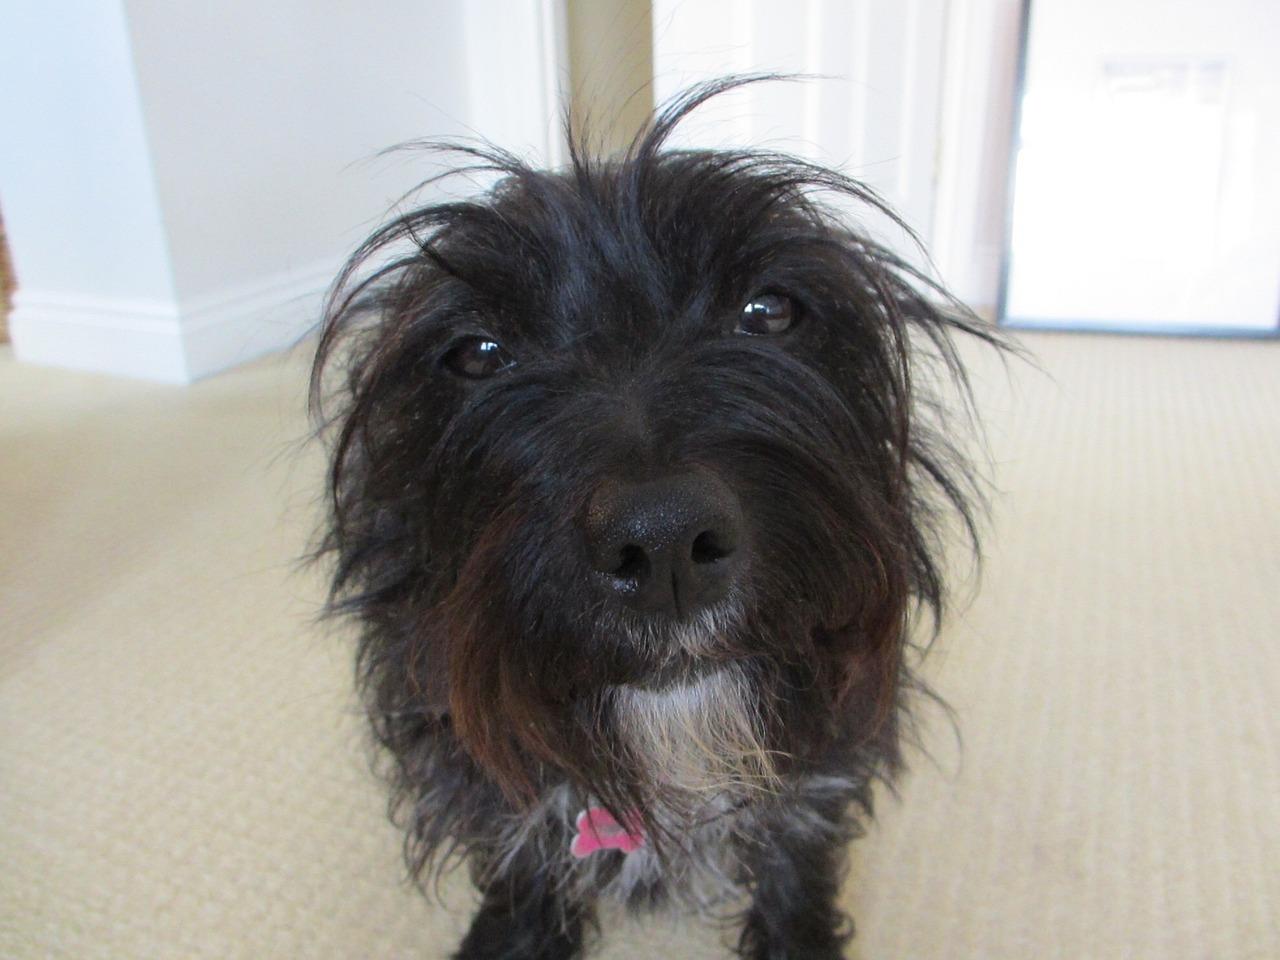 Забавная причёска у собаки